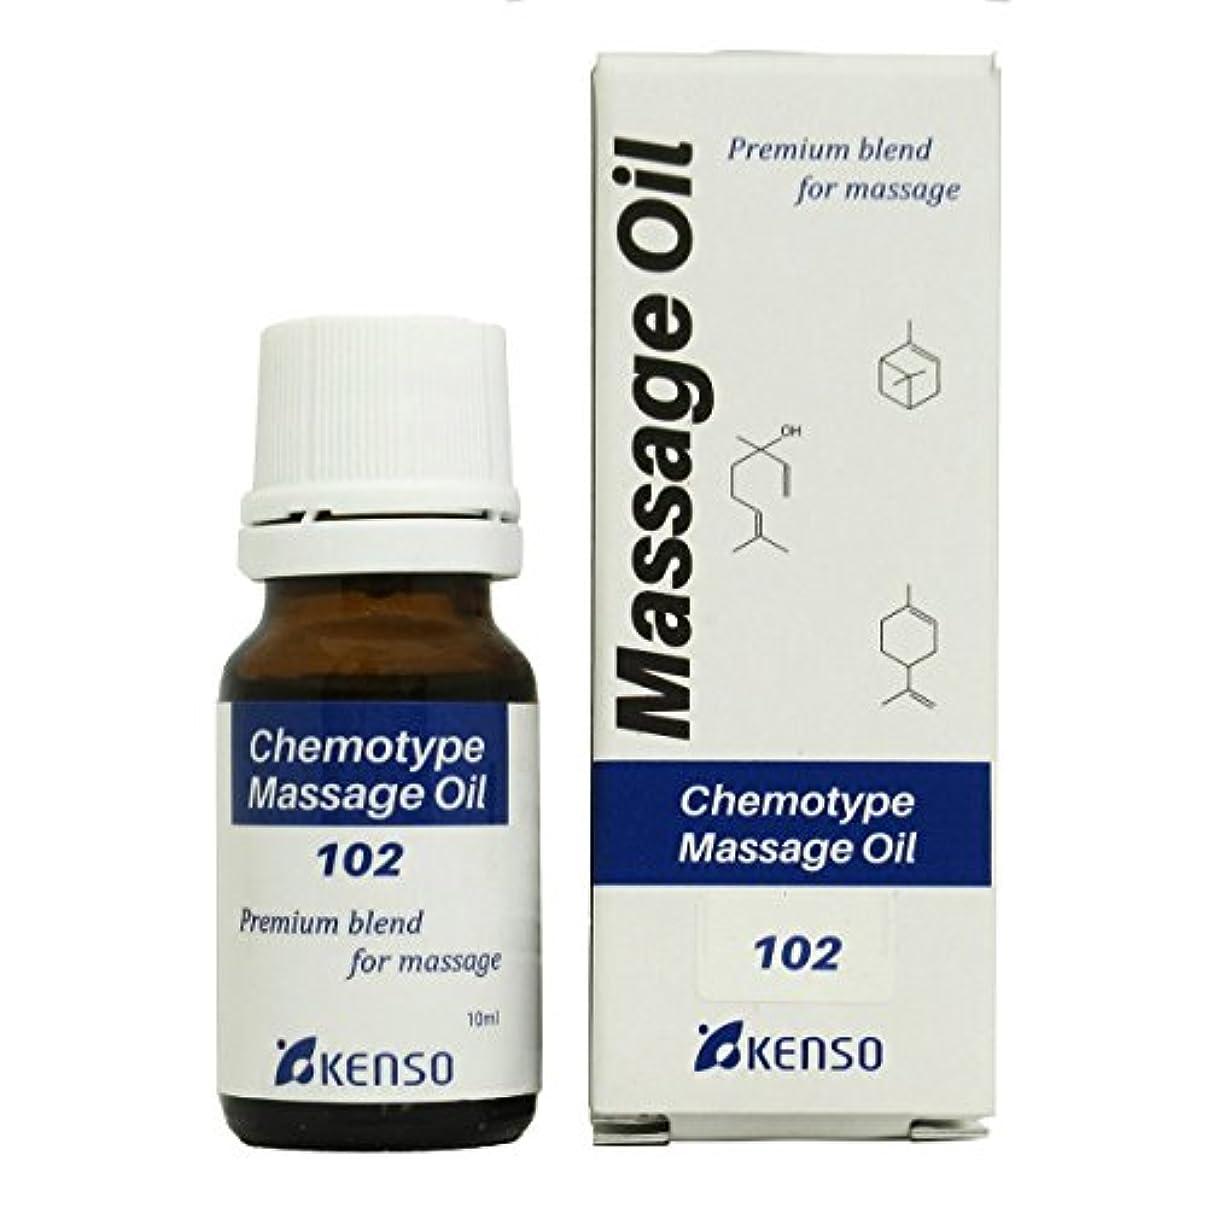 拡張発症時期尚早ケンソー レシピNo.102 10ml (健草医学舎 マッサージオイル Nシリーズ)